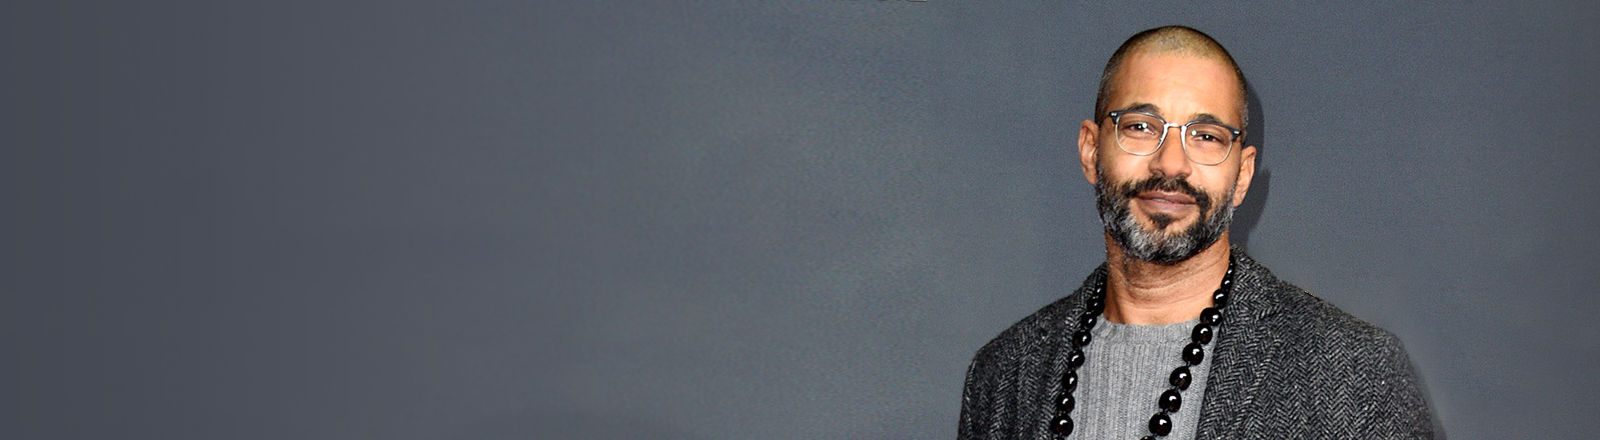 Portrait des Schauspielers Tyron Ricketts